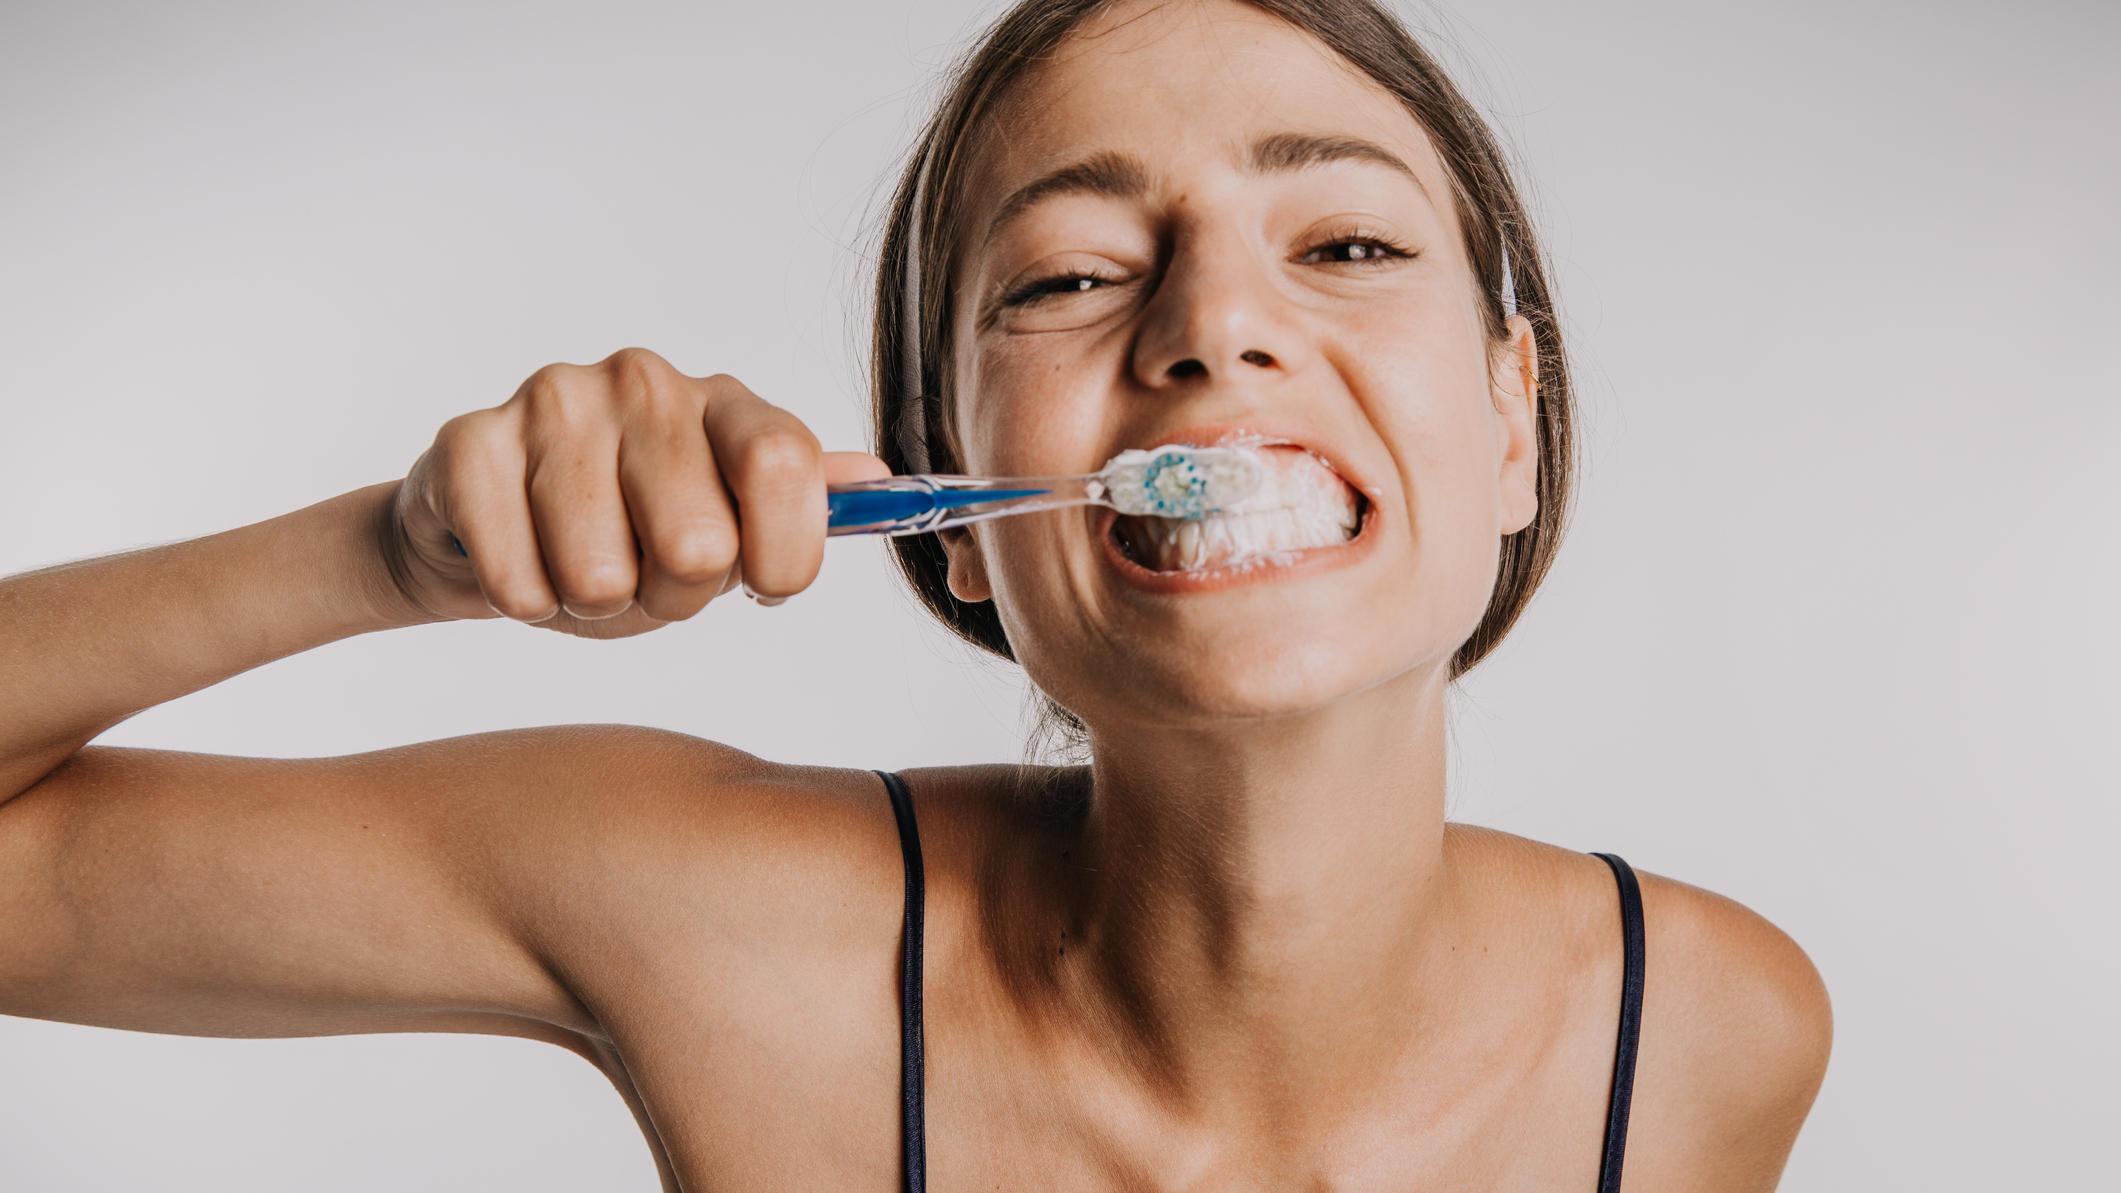 Zähne richtig putzen: Was ist ein Mythos? Und was stimmt wirklich?